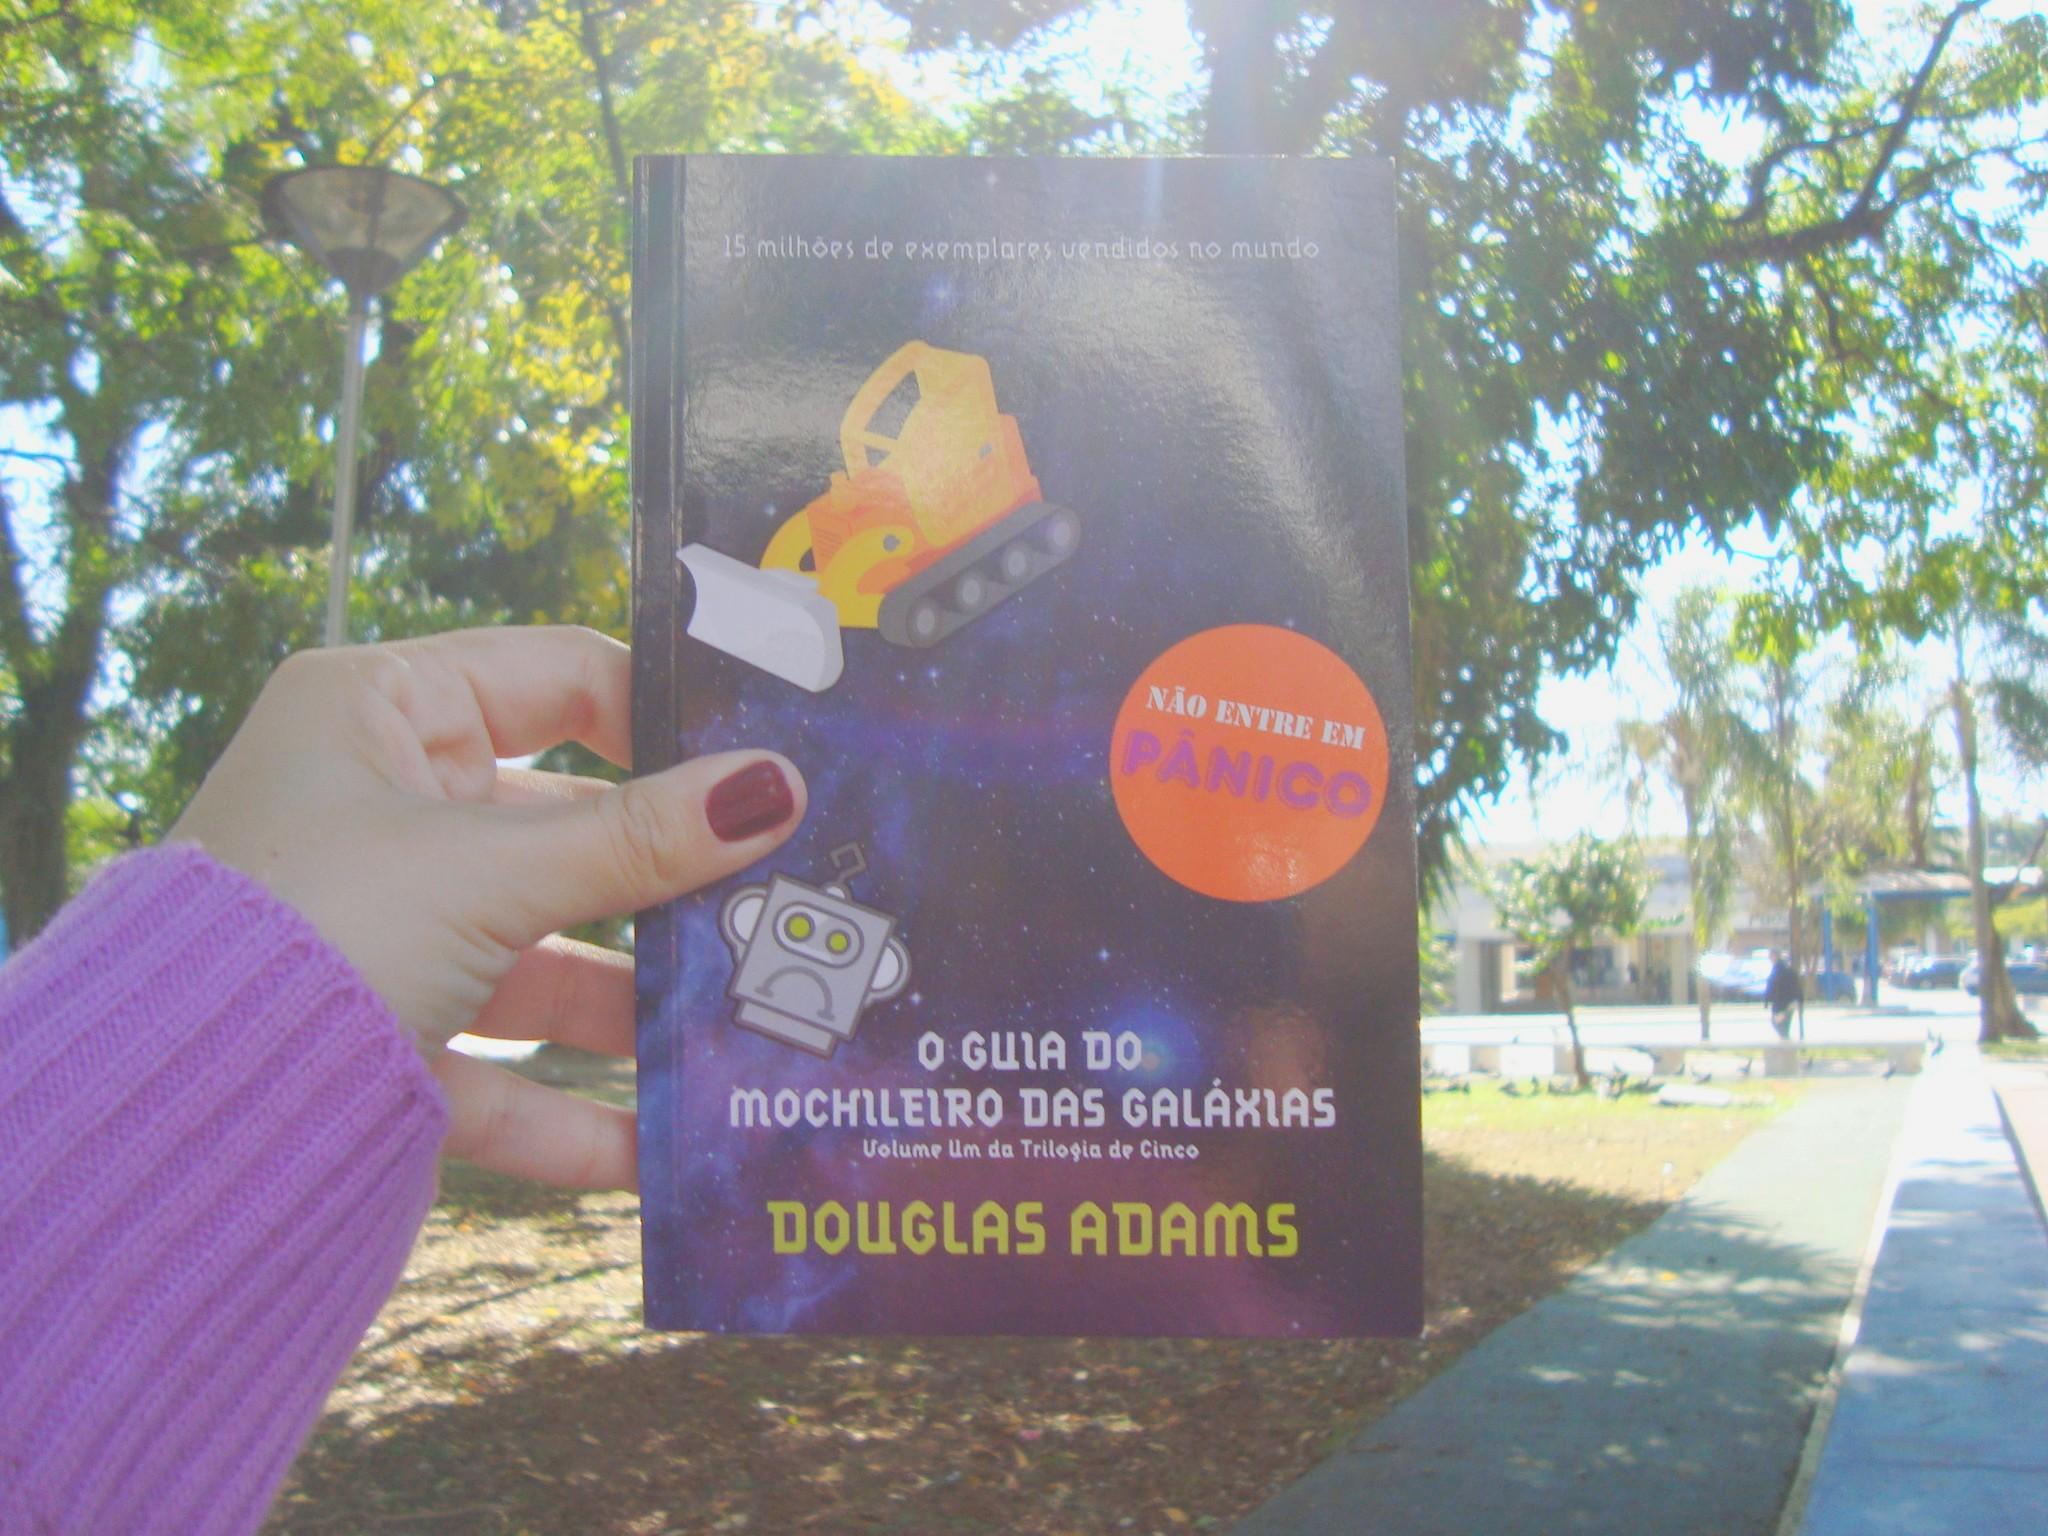 Capa do livro O guia do mochileiro das galáxias